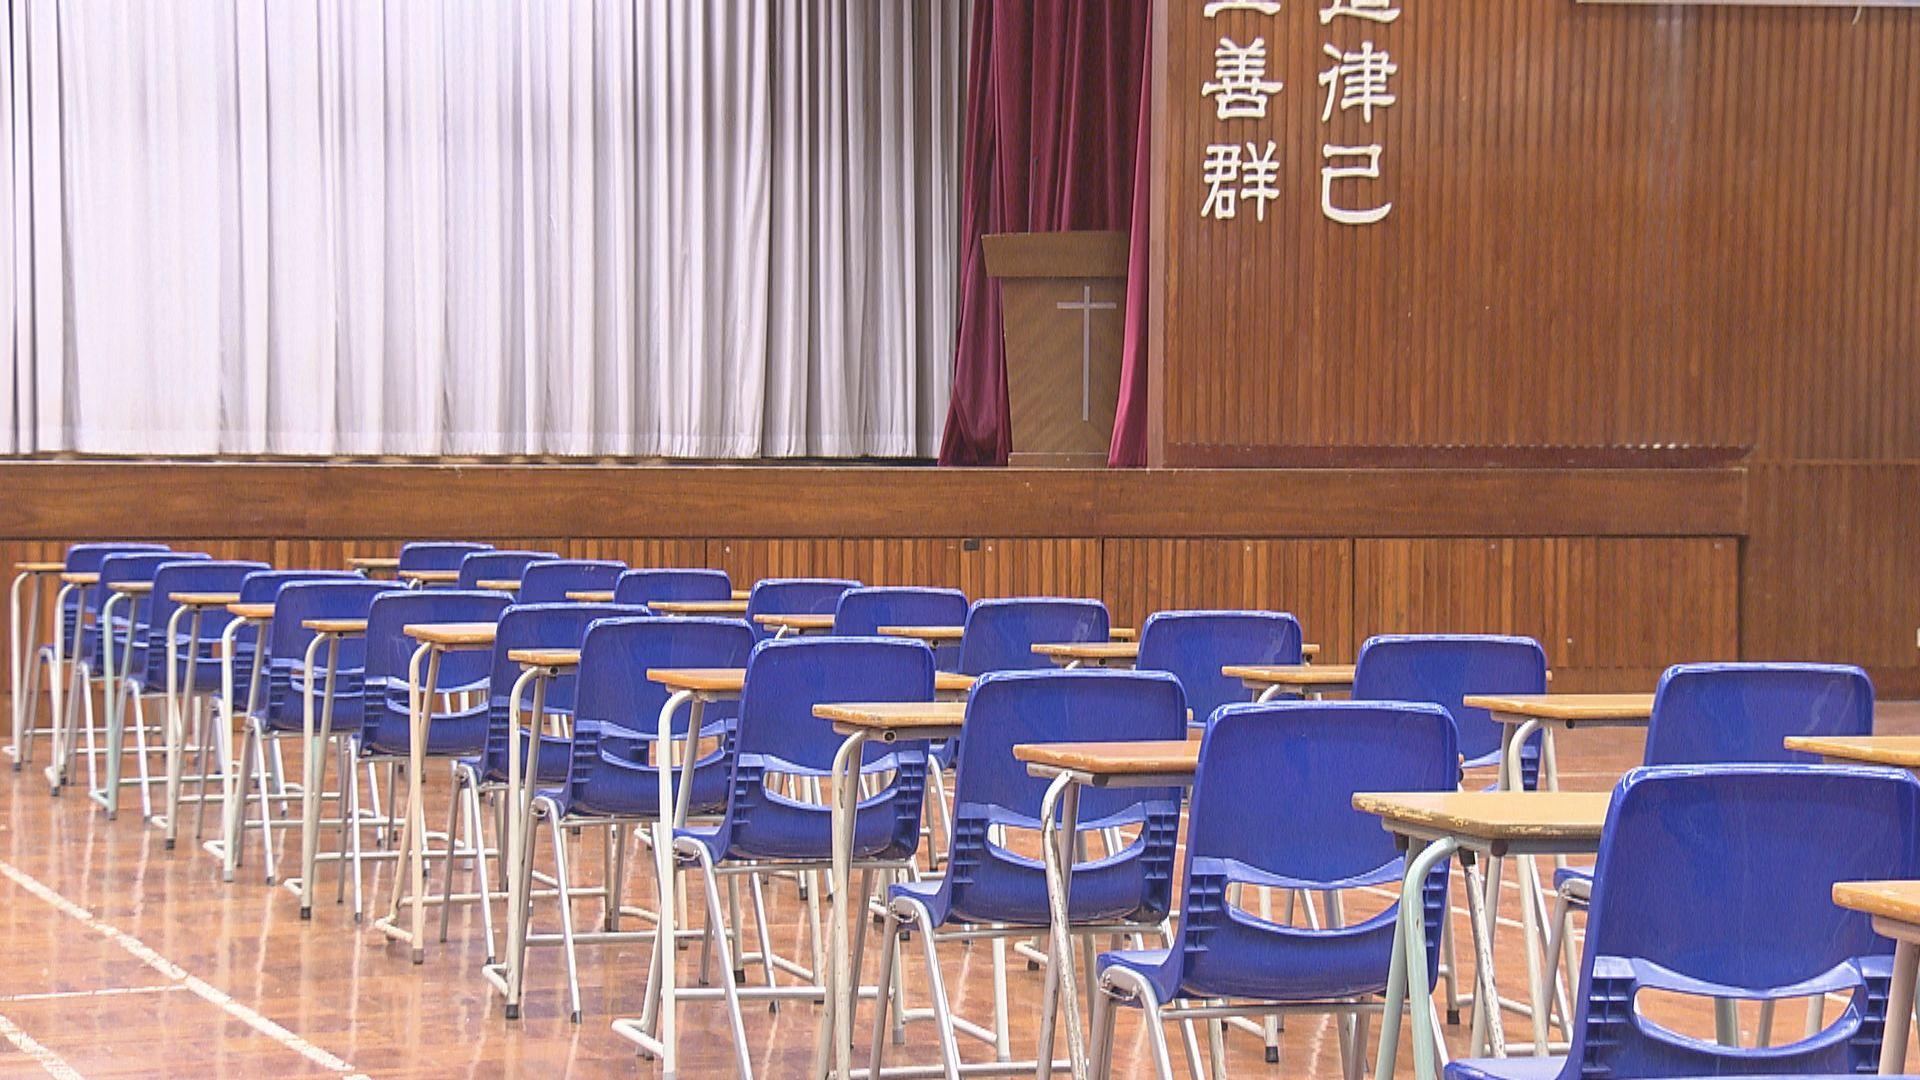 有中學老師指以校內成績評估或造成不公